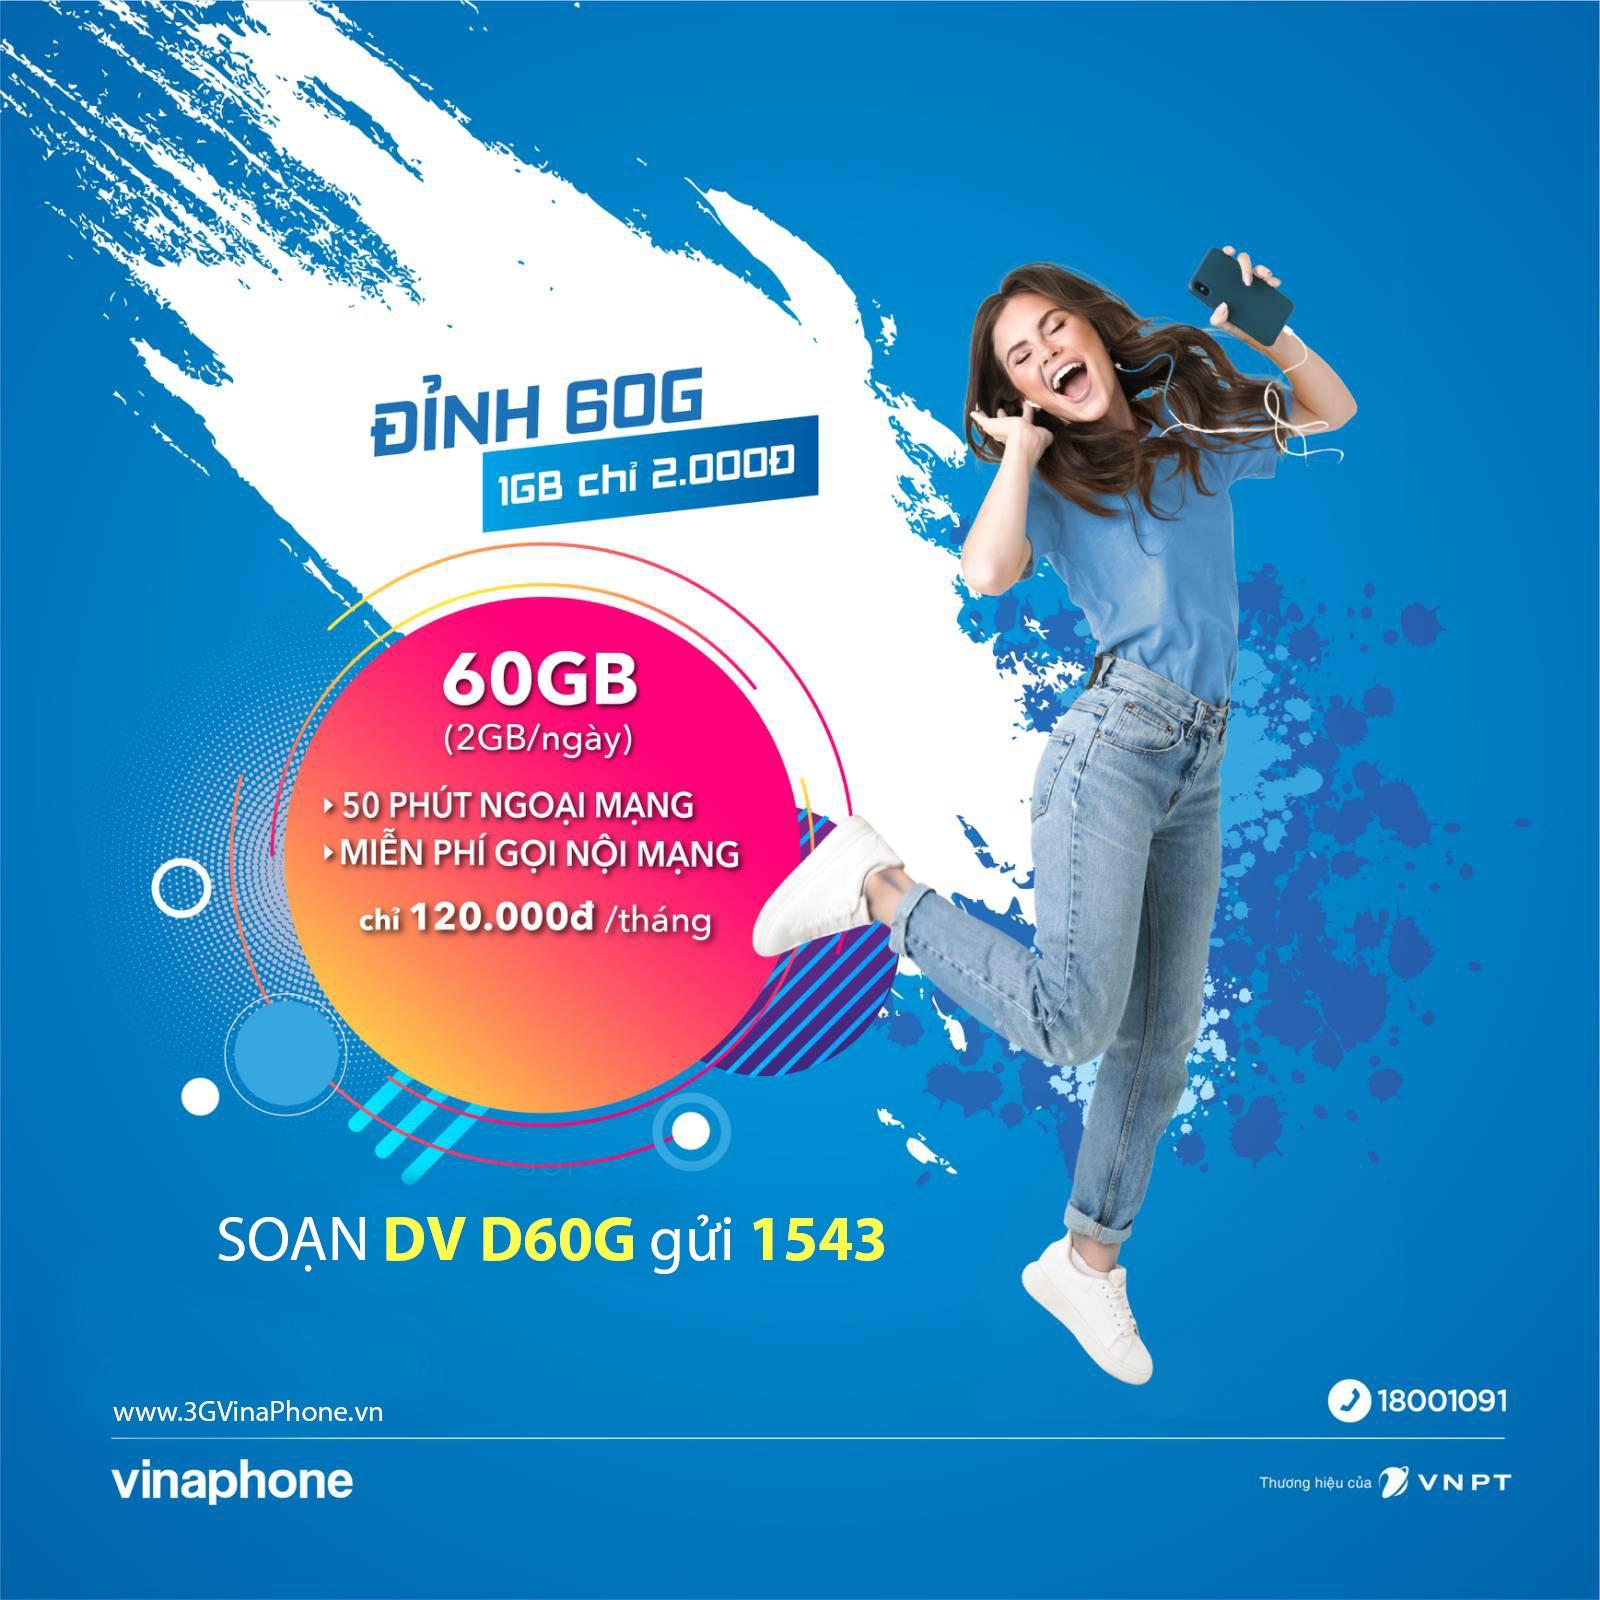 Tổng hợp các gói cước Đỉnh Vinaphone (60G, 30G,15G) ưu đãi 60GB, 30GB, 15GB